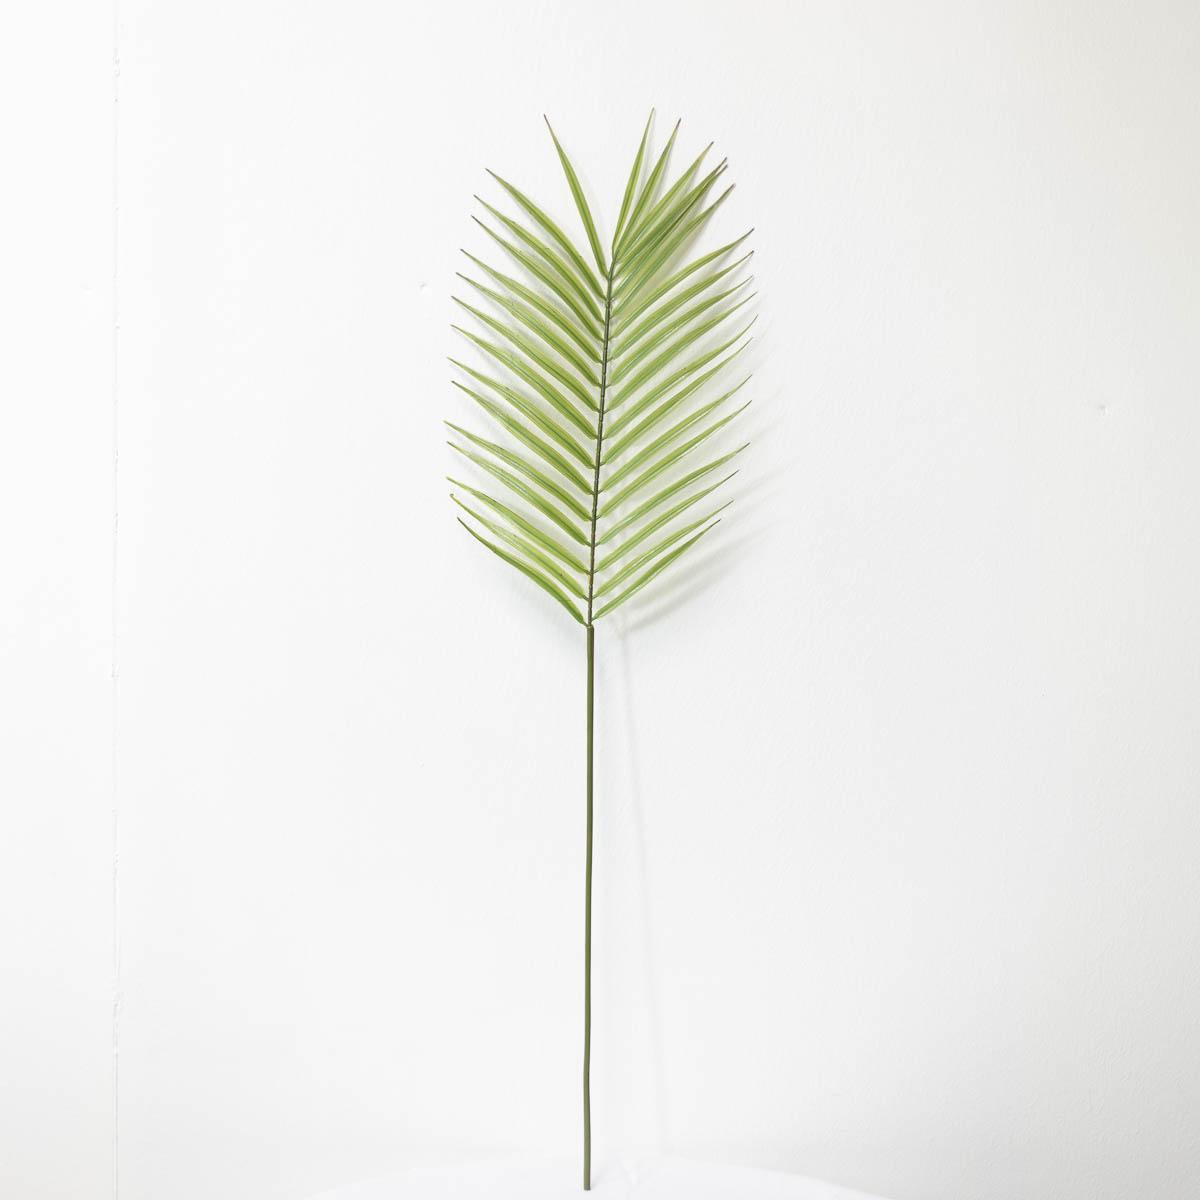 아레카야자조화 잎사귀 나무가지 79cm 디테일